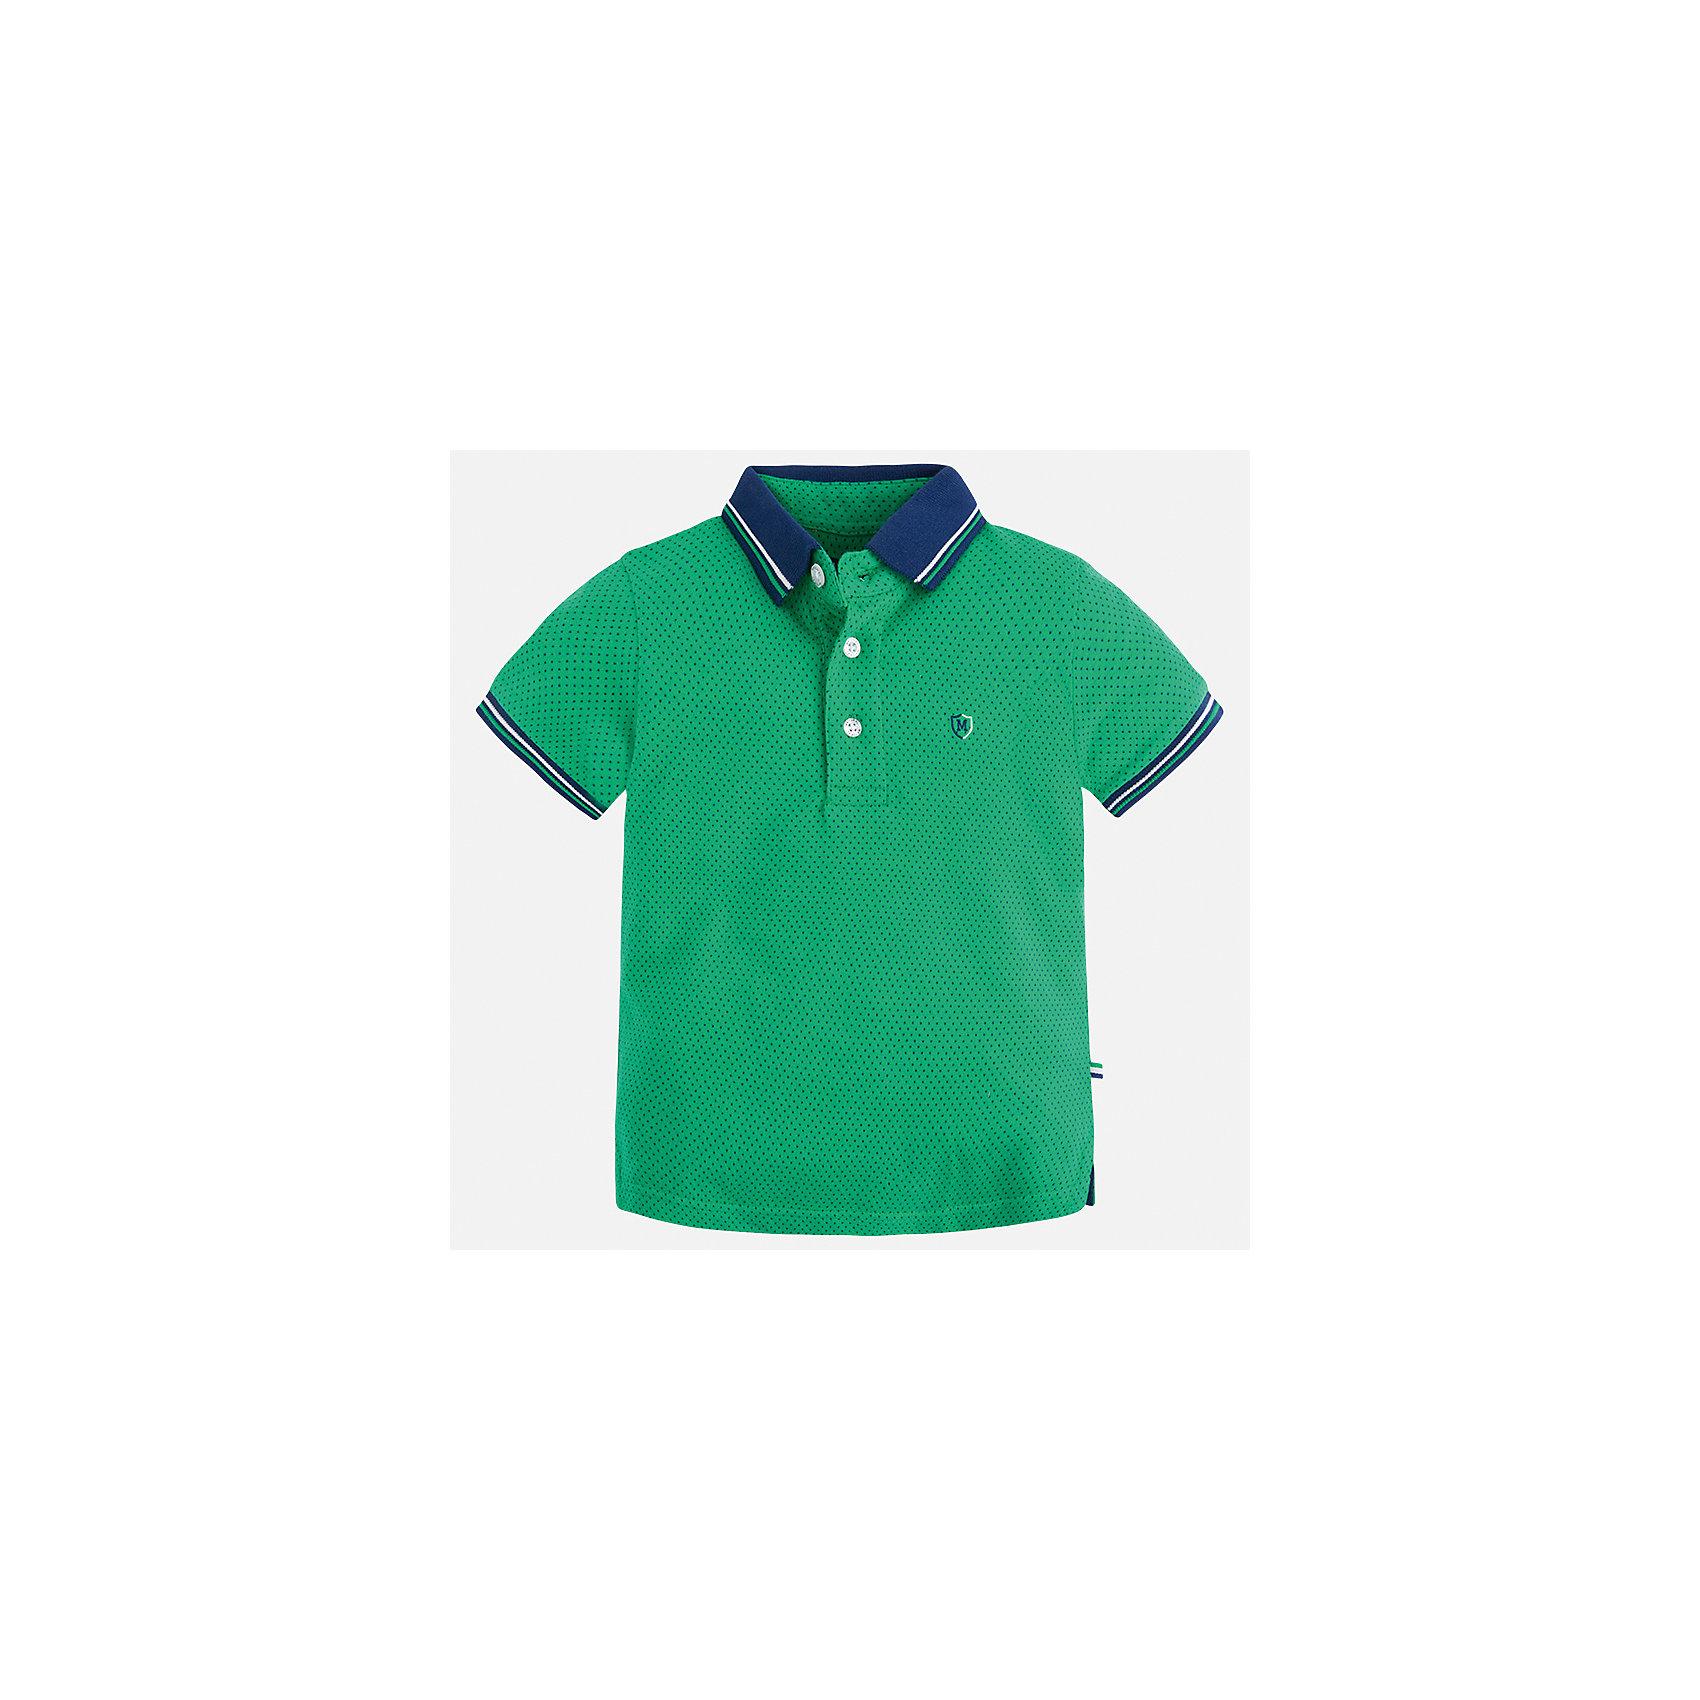 Футболка-поло для мальчика MayoralФутболки, поло и топы<br>Характеристики товара:<br><br>• цвет: зеленый<br>• состав: 100% хлопок<br>• отложной воротник<br>• короткие рукава<br>• застежка: пуговицы<br>• декорирована вышивкой<br>• страна бренда: Испания<br><br>Модная футболка-поло для мальчика может стать базовой вещью в гардеробе ребенка. Она отлично сочетается с брюками, шортами, джинсами и т.д. Универсальный крой и цвет позволяет подобрать к вещи низ разных расцветок. Практичное и стильное изделие! В составе материала - только натуральный хлопок, гипоаллергенный, приятный на ощупь, дышащий.<br><br>Одежда, обувь и аксессуары от испанского бренда Mayoral полюбились детям и взрослым по всему миру. Модели этой марки - стильные и удобные. Для их производства используются только безопасные, качественные материалы и фурнитура. Порадуйте ребенка модными и красивыми вещами от Mayoral! <br><br>Футболку-поло для мальчика от испанского бренда Mayoral (Майорал) можно купить в нашем интернет-магазине.<br><br>Ширина мм: 199<br>Глубина мм: 10<br>Высота мм: 161<br>Вес г: 151<br>Цвет: зеленый<br>Возраст от месяцев: 48<br>Возраст до месяцев: 60<br>Пол: Мужской<br>Возраст: Детский<br>Размер: 110,98,134,116,92,122,104,128<br>SKU: 5271886